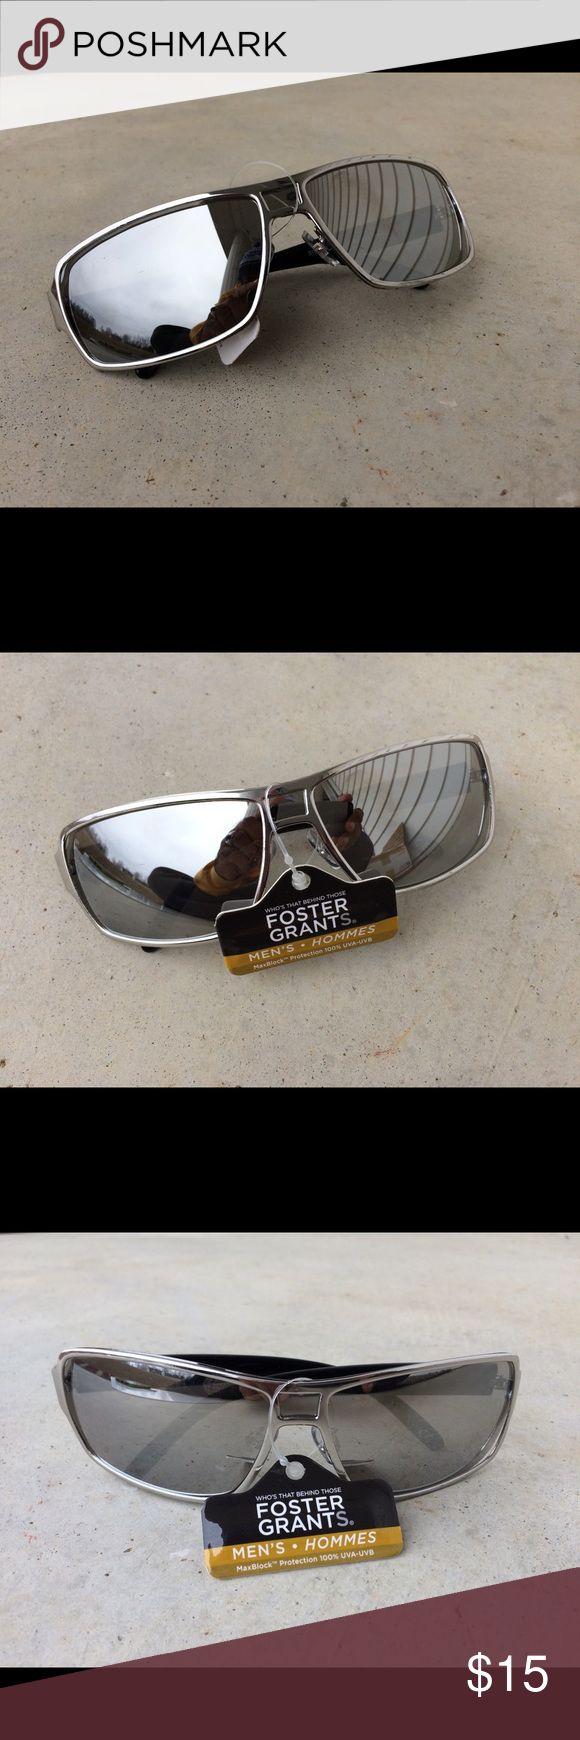 Foster grant men sunglasses silver mirror uva-uvb Foster grant men sunglasses silver mirror uva-uvb  Brand: foster grant  Color: silver  New with tags Foster Grant Accessories Sunglasses